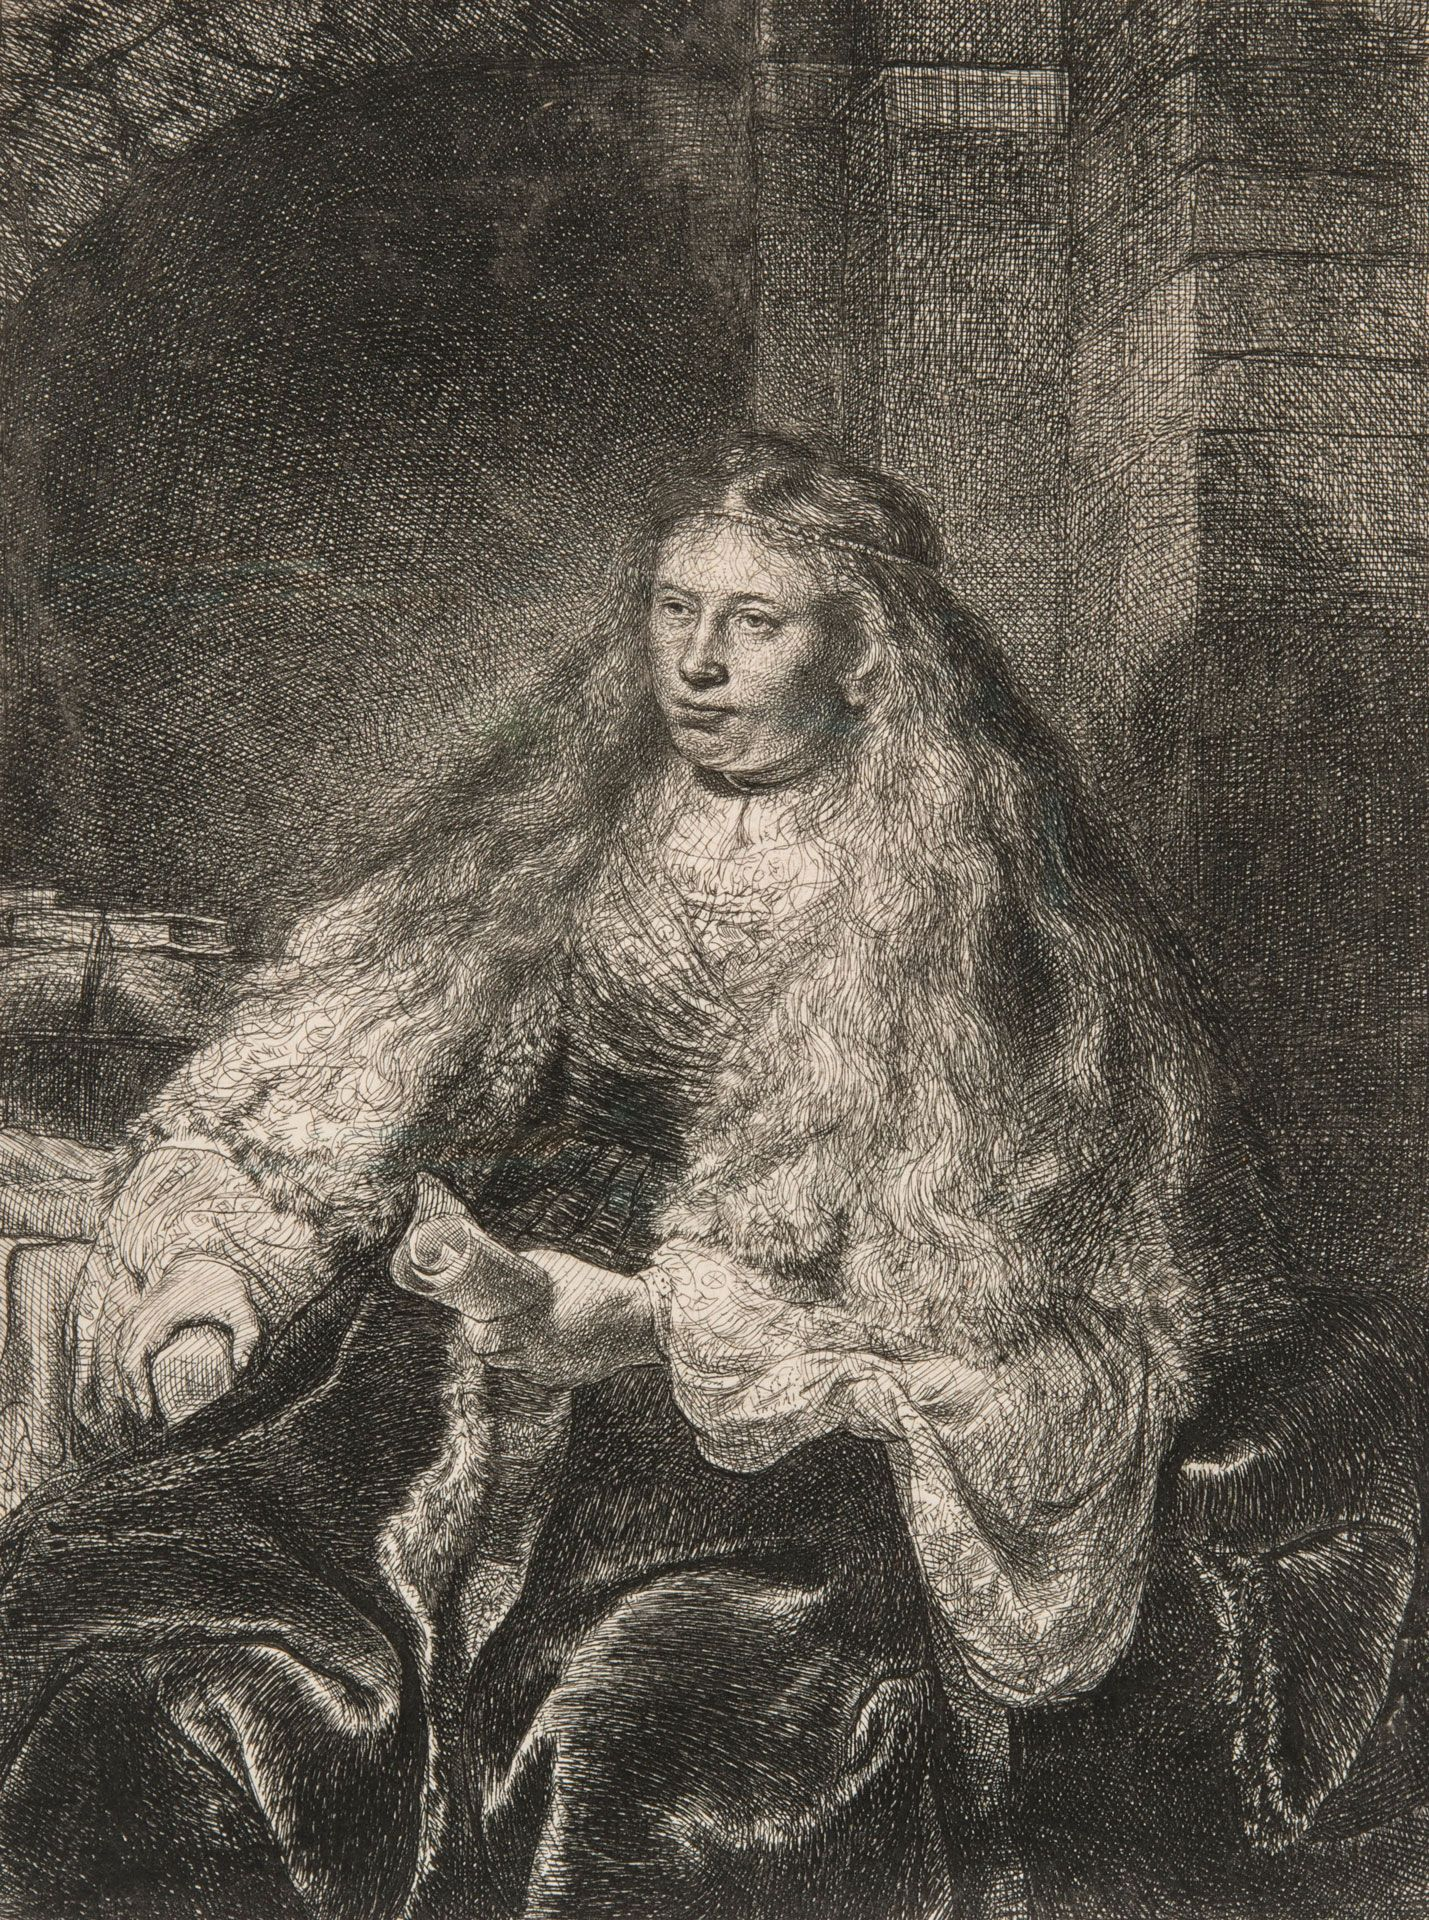 Rembrandt Harmensz. van Rijn (1606-1669), La grande mariée juive, 1635, eau‑forte, pointe sèche, burin, 5e état sur 5, 22,5 x 17,1 cm. MBAM, don de Freda et Irwin Browns en l'honneur de Hilliard T. Goldfarb.